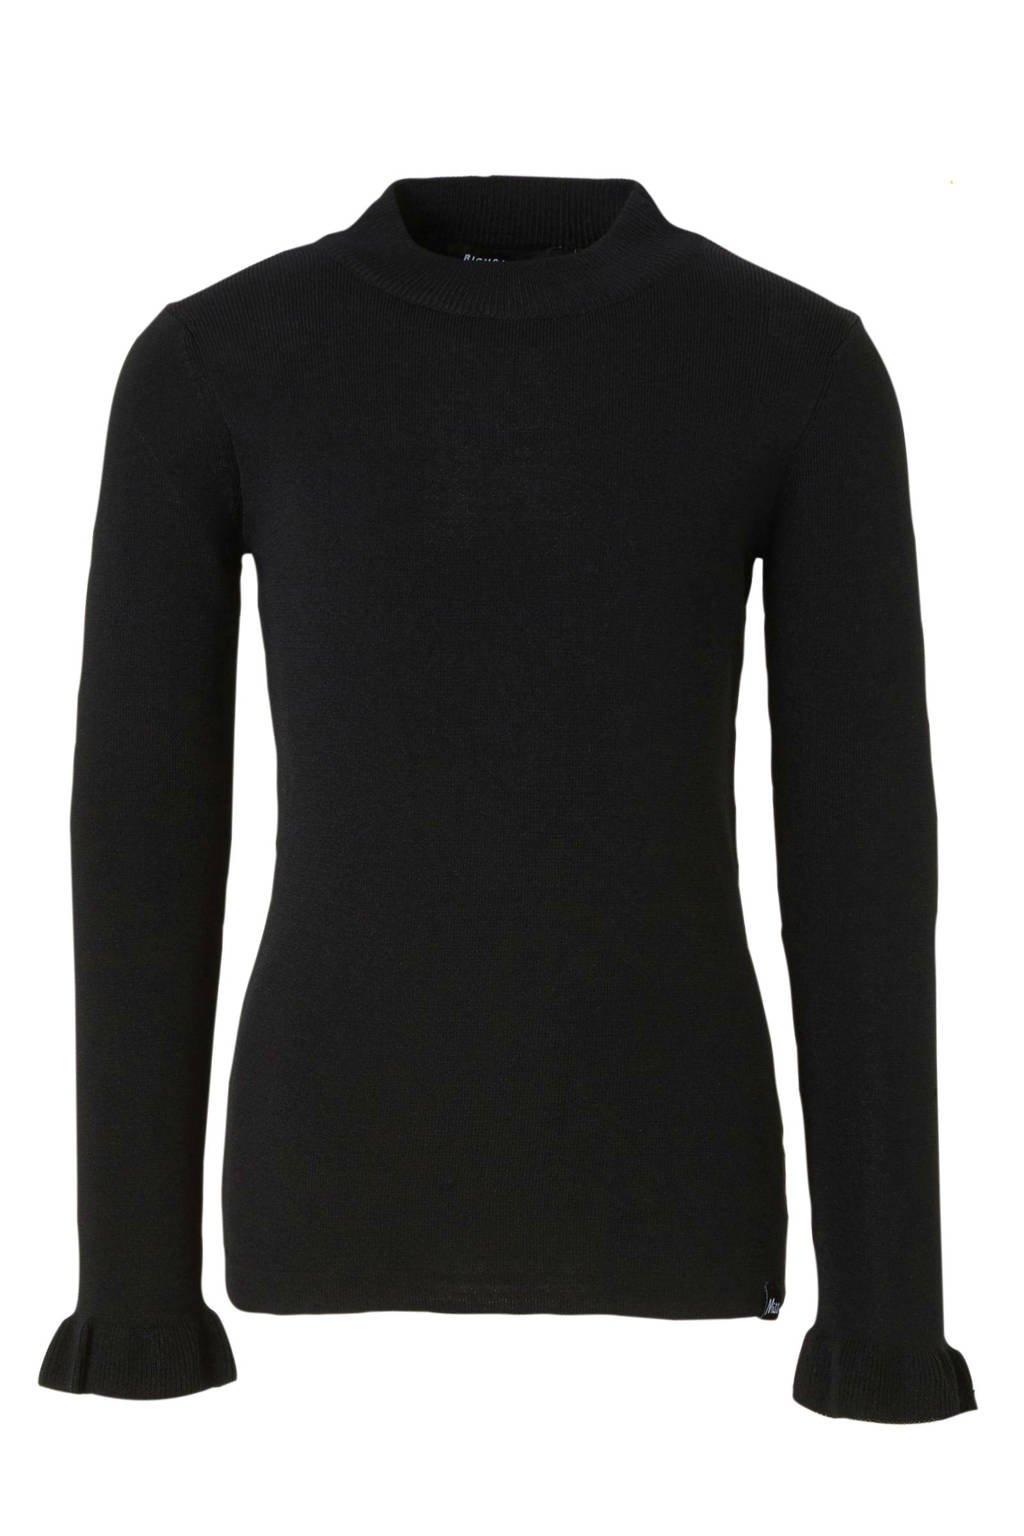 NIK&NIK fijngebreide trui Helma zwart, Zwart